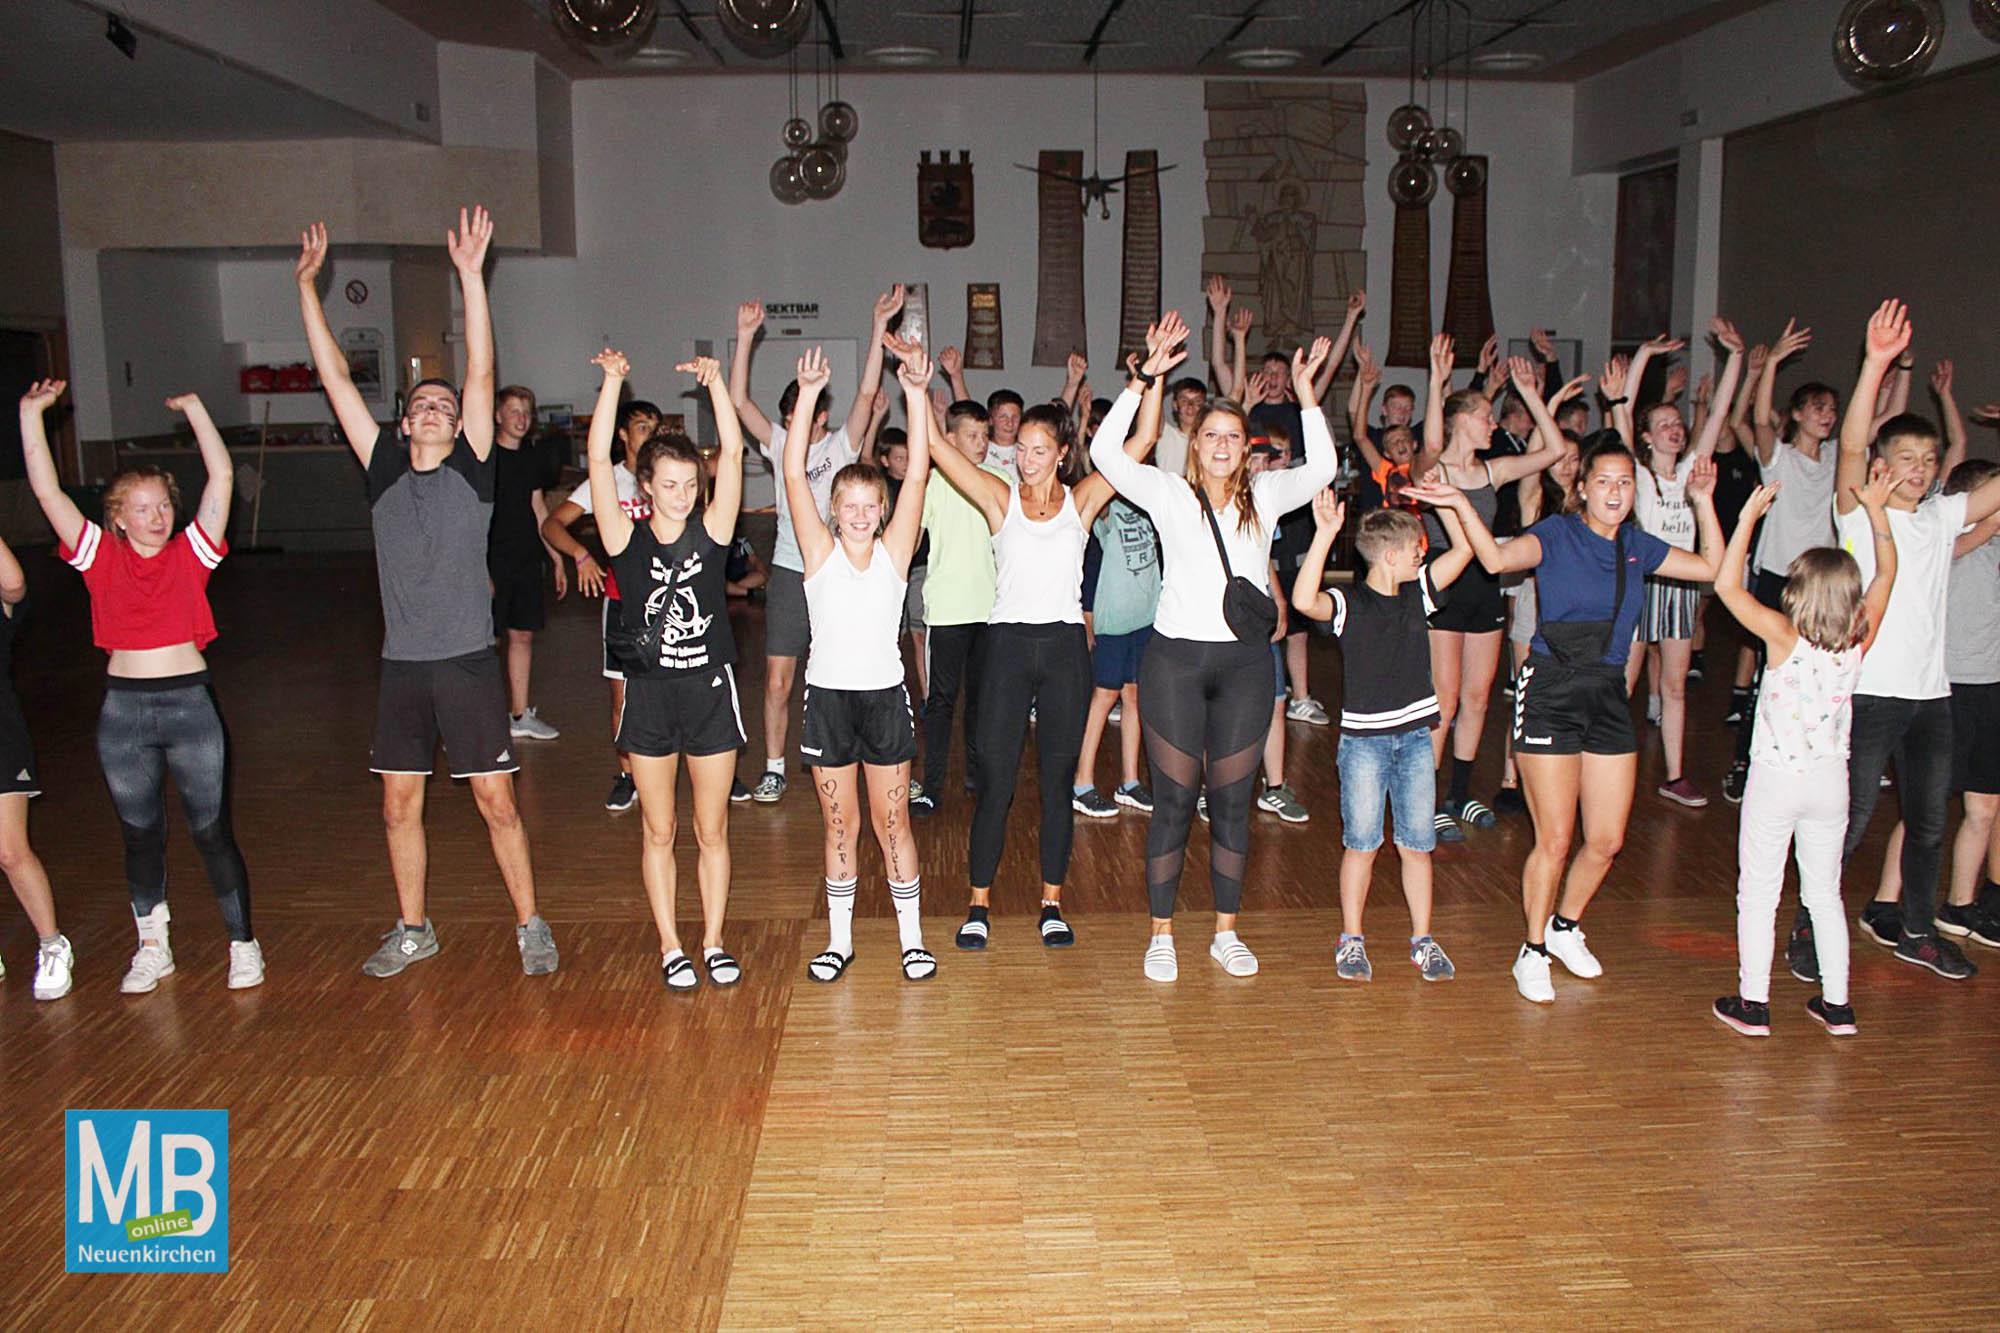 Tolle Stimmung im Ferienlager in Eversberg | Foto: privat